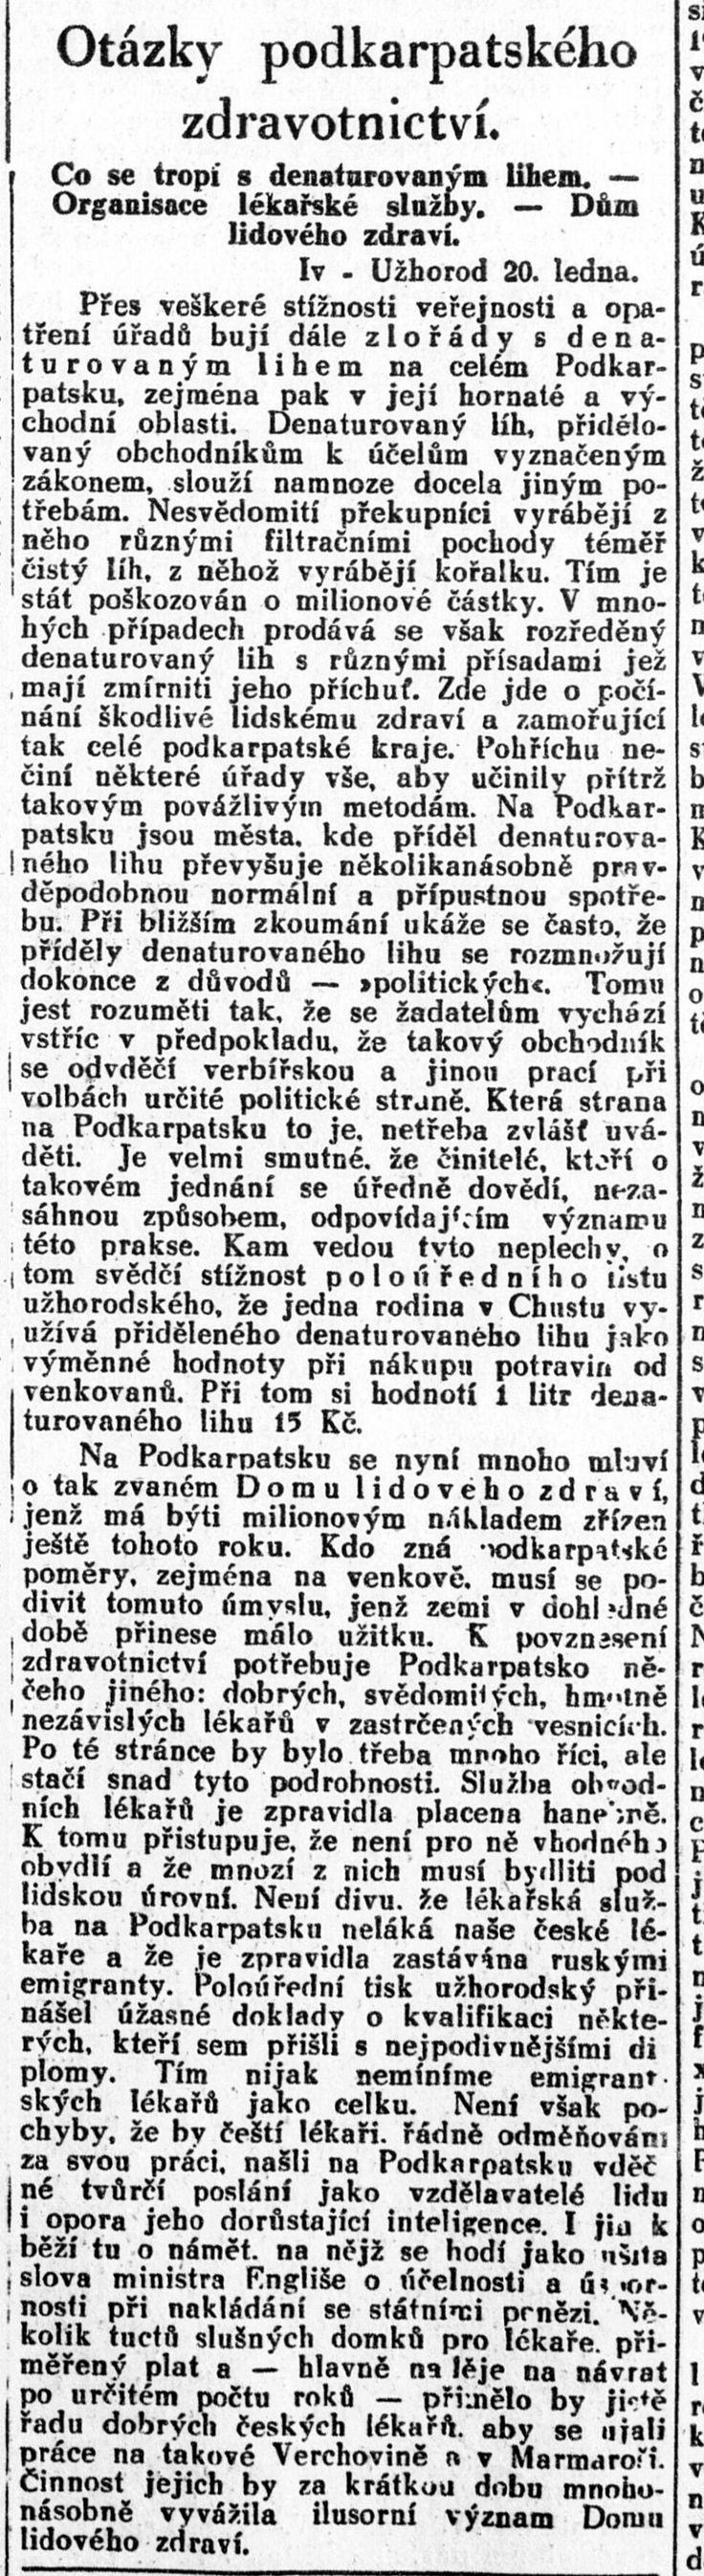 Lidové noviny, 22.1.1930